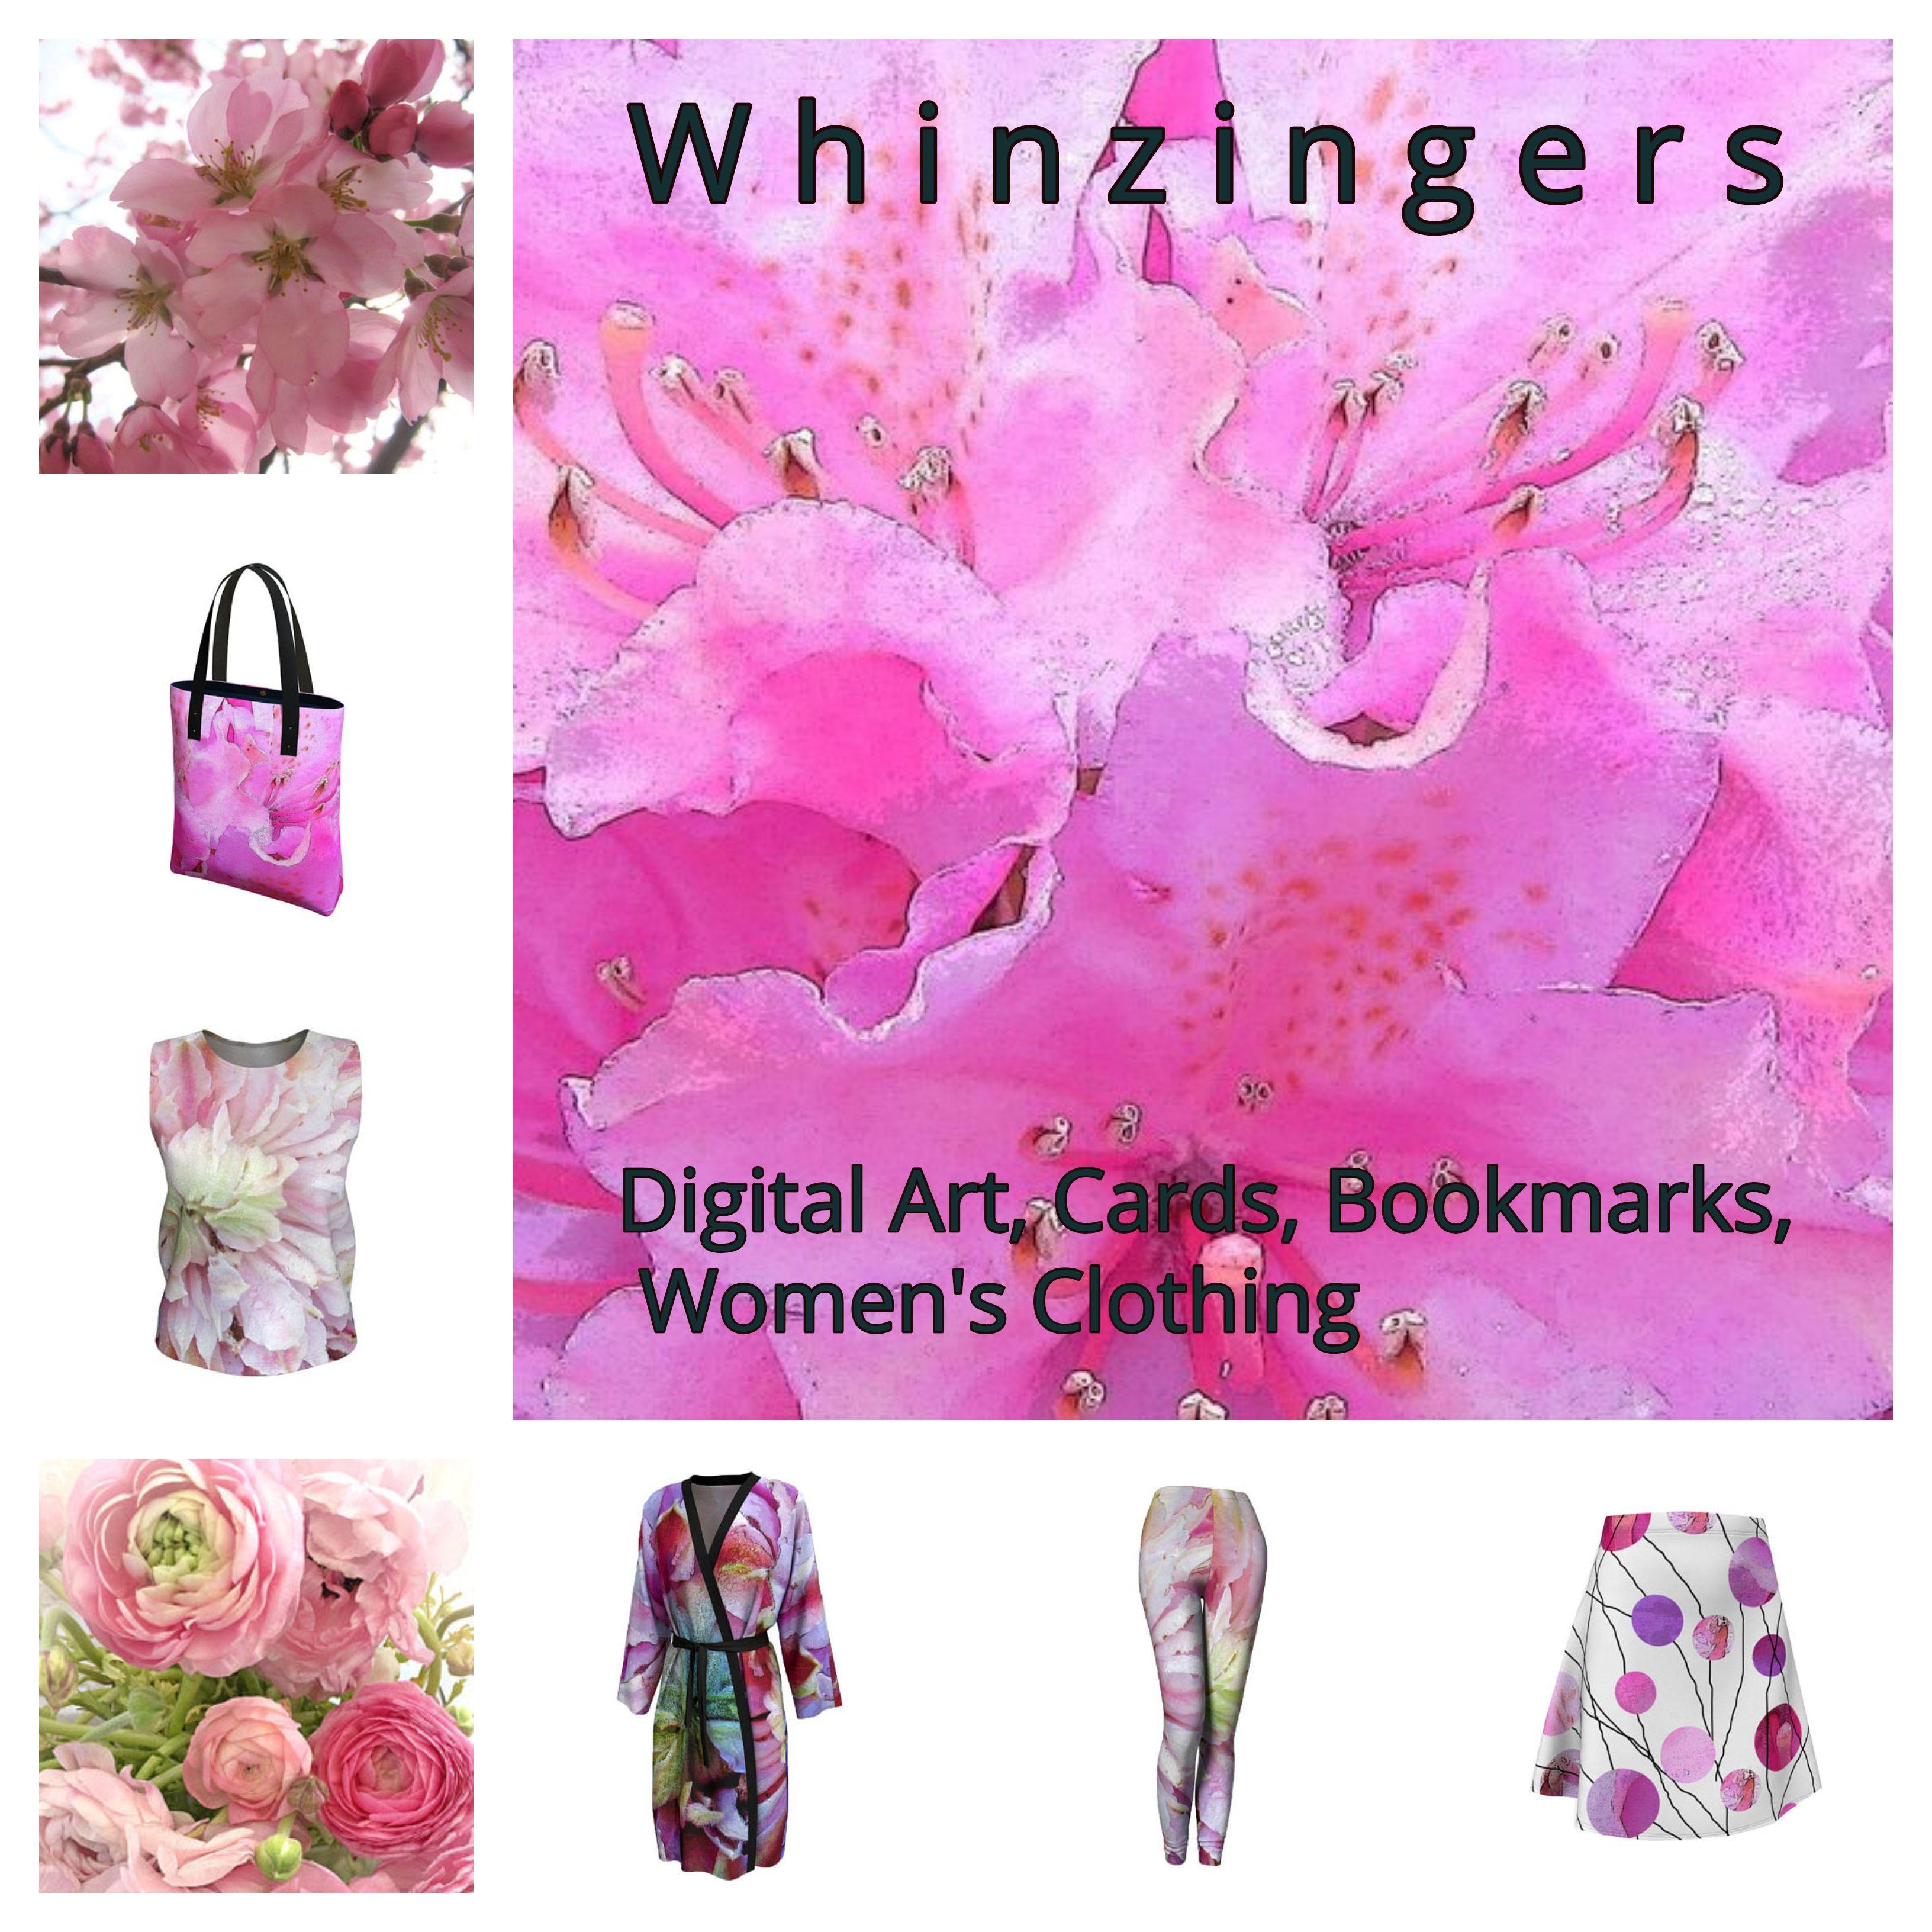 Etsy shop - Whimzingers